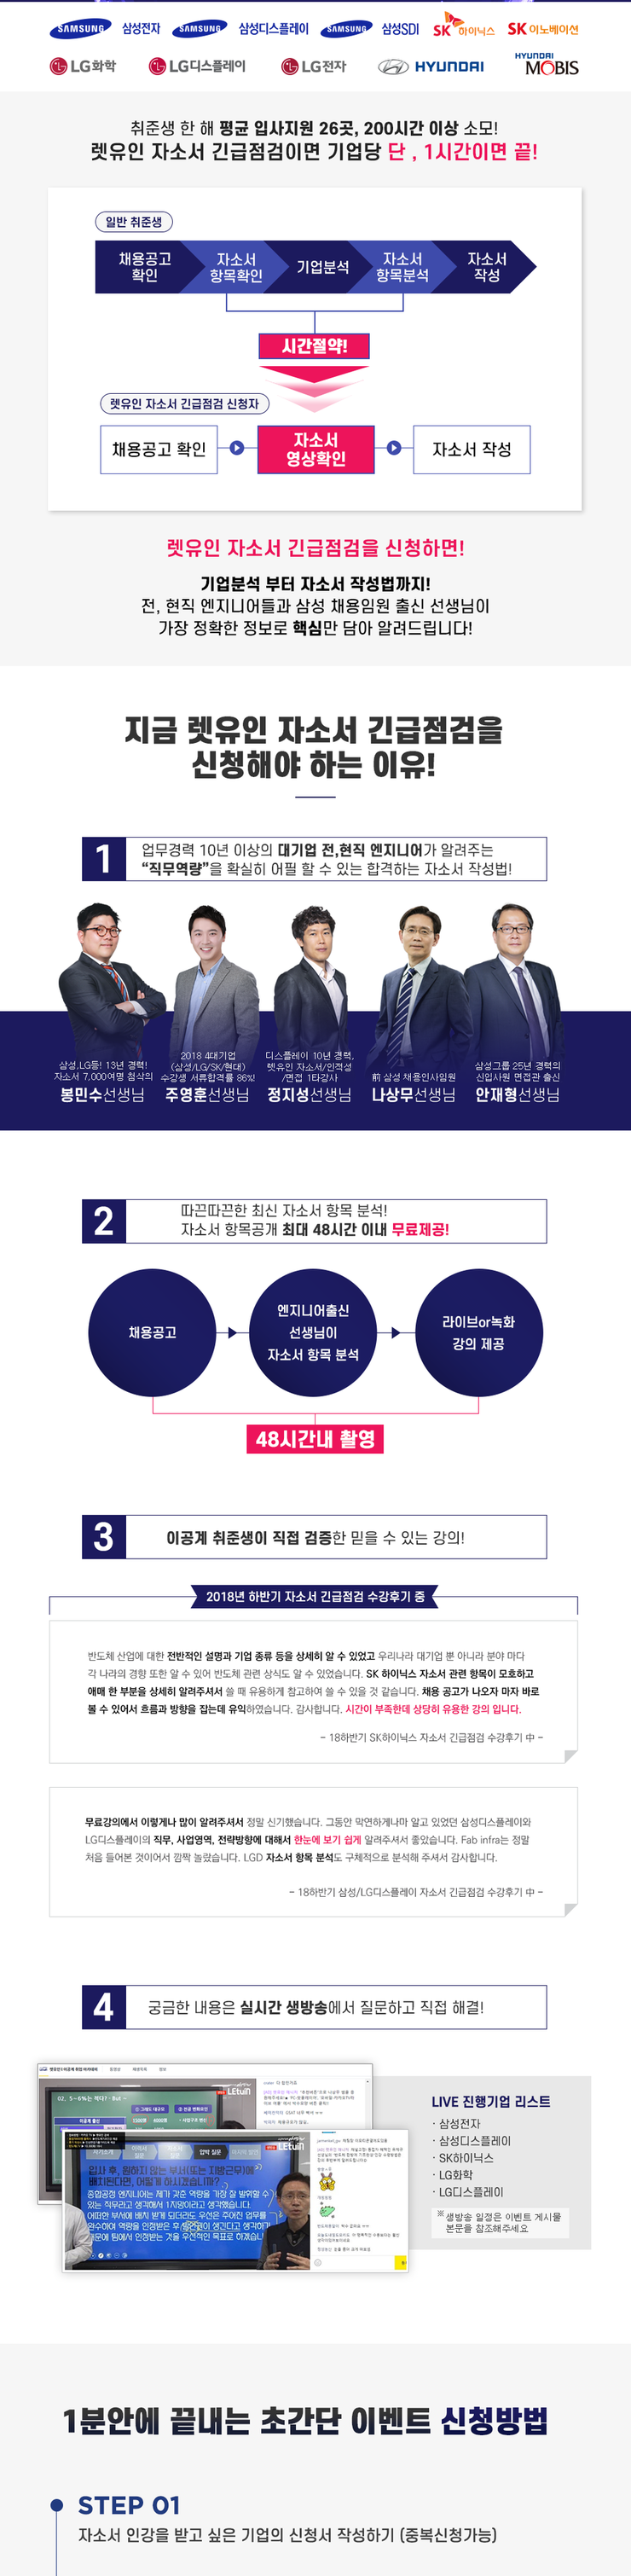 2019상반기-자소서긴급점검_02.png